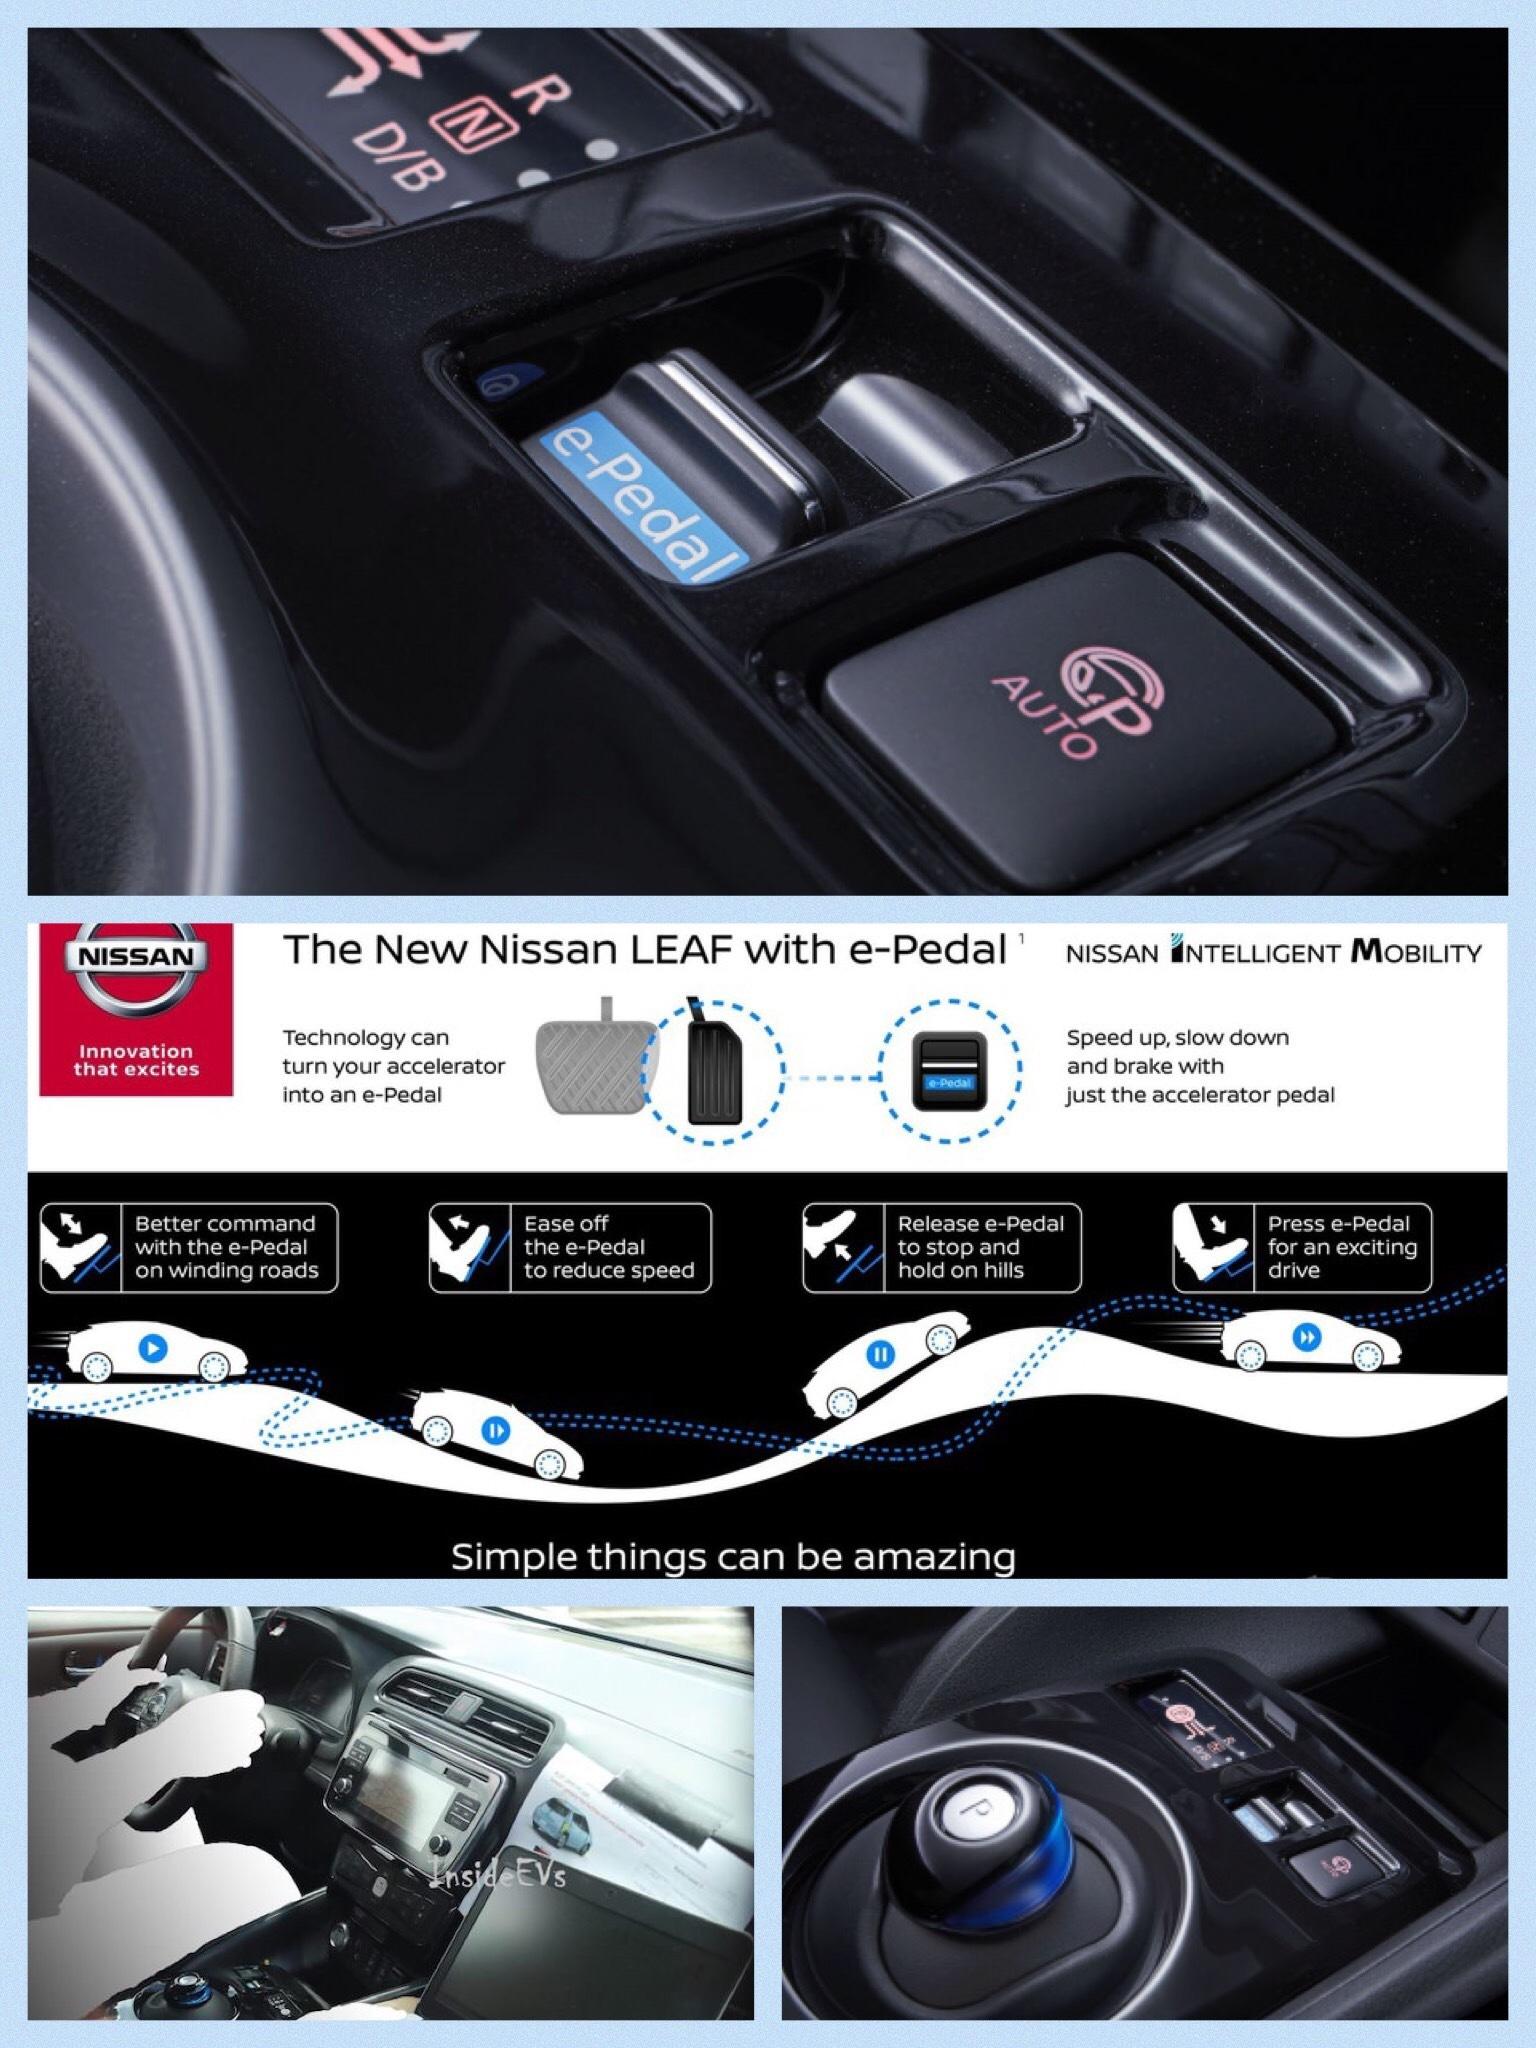 日産新型リーフ EV e-Pedal搭載 ツートンカラー